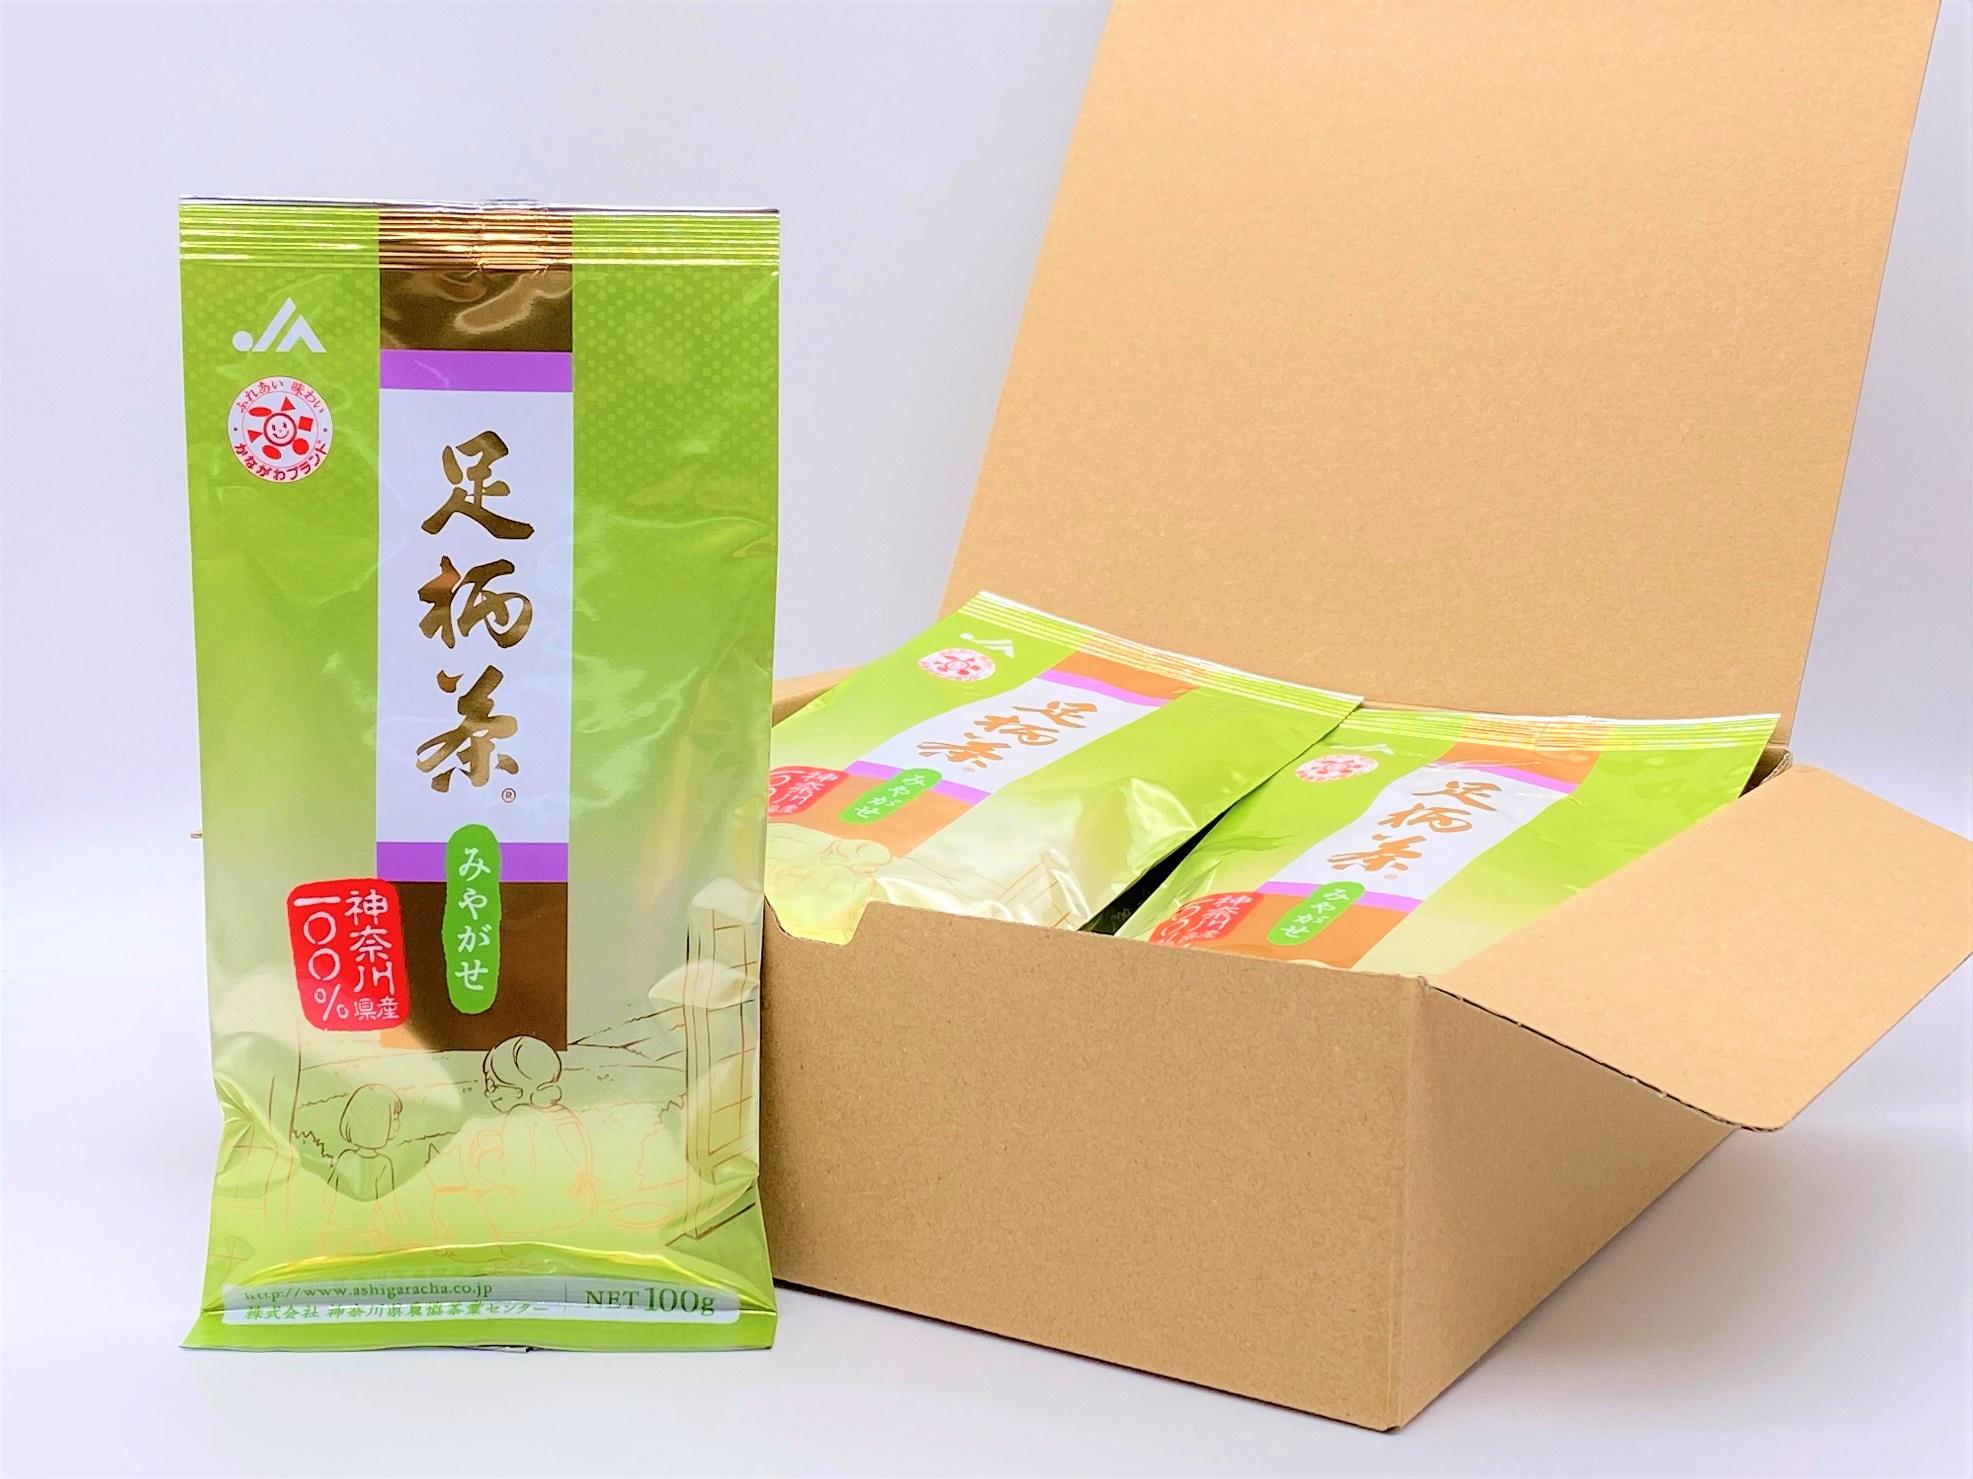 【足柄茶】みやがせ1kg(100g×10本)